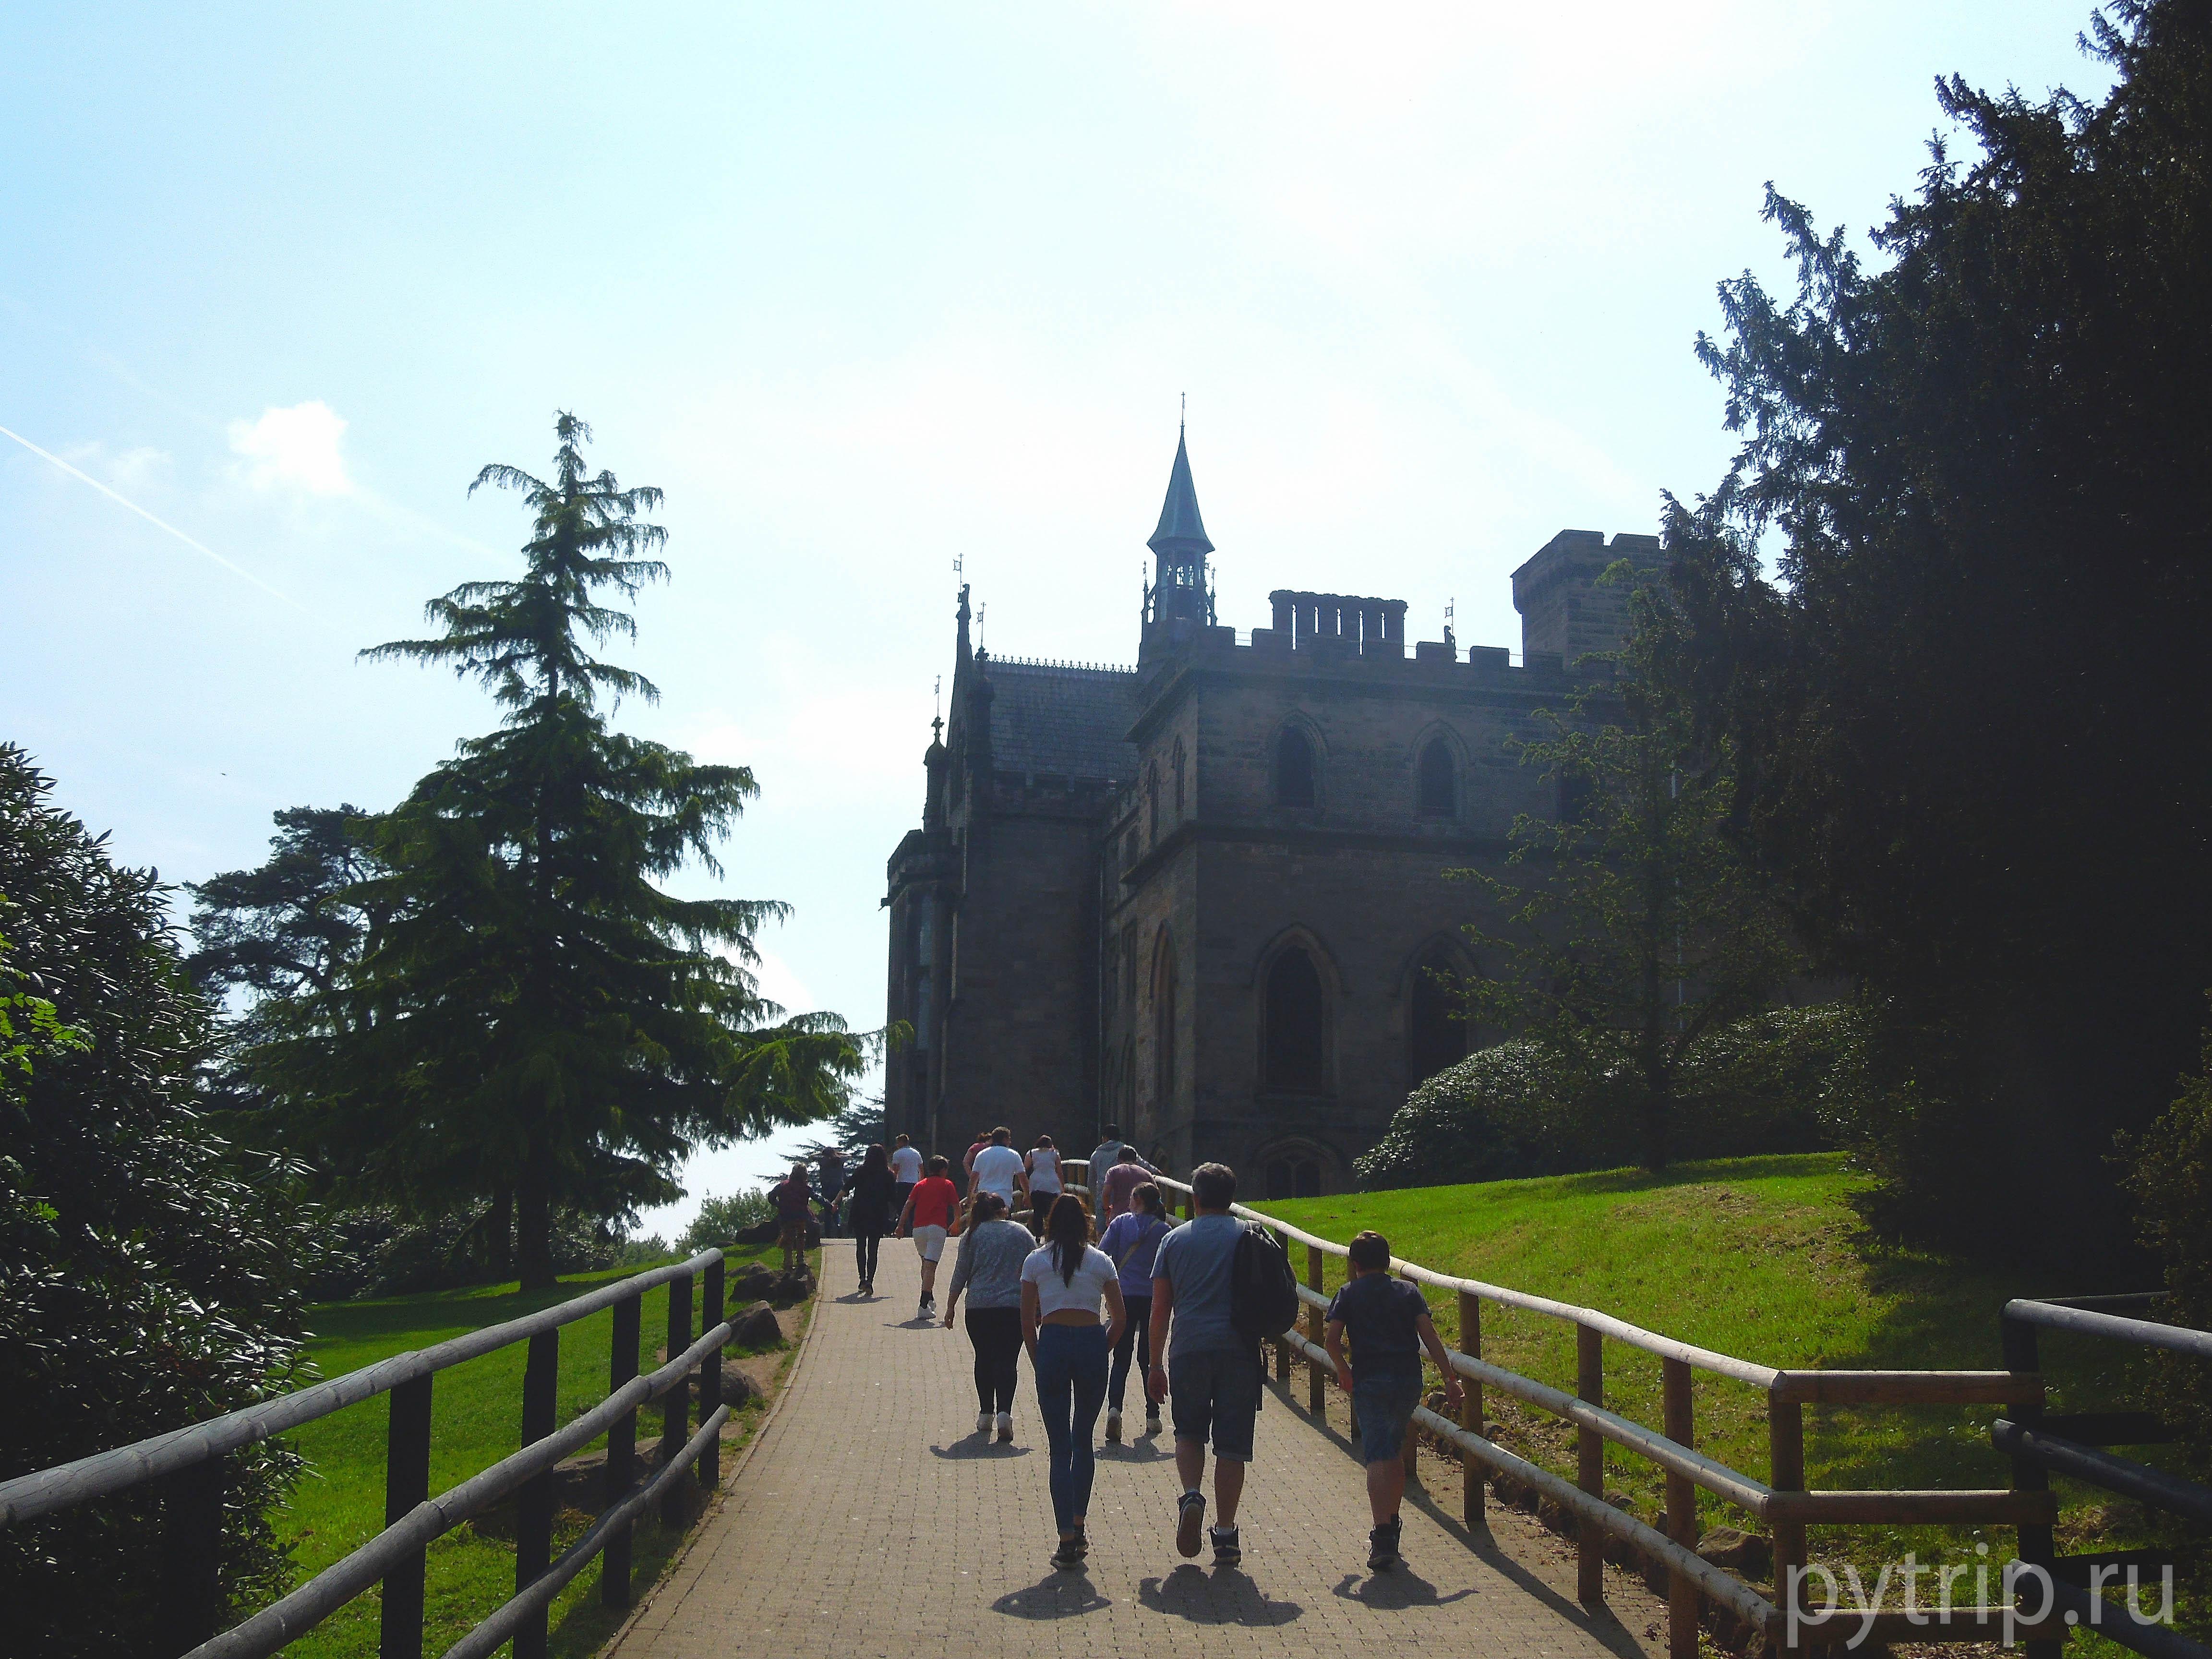 по дороге к замку